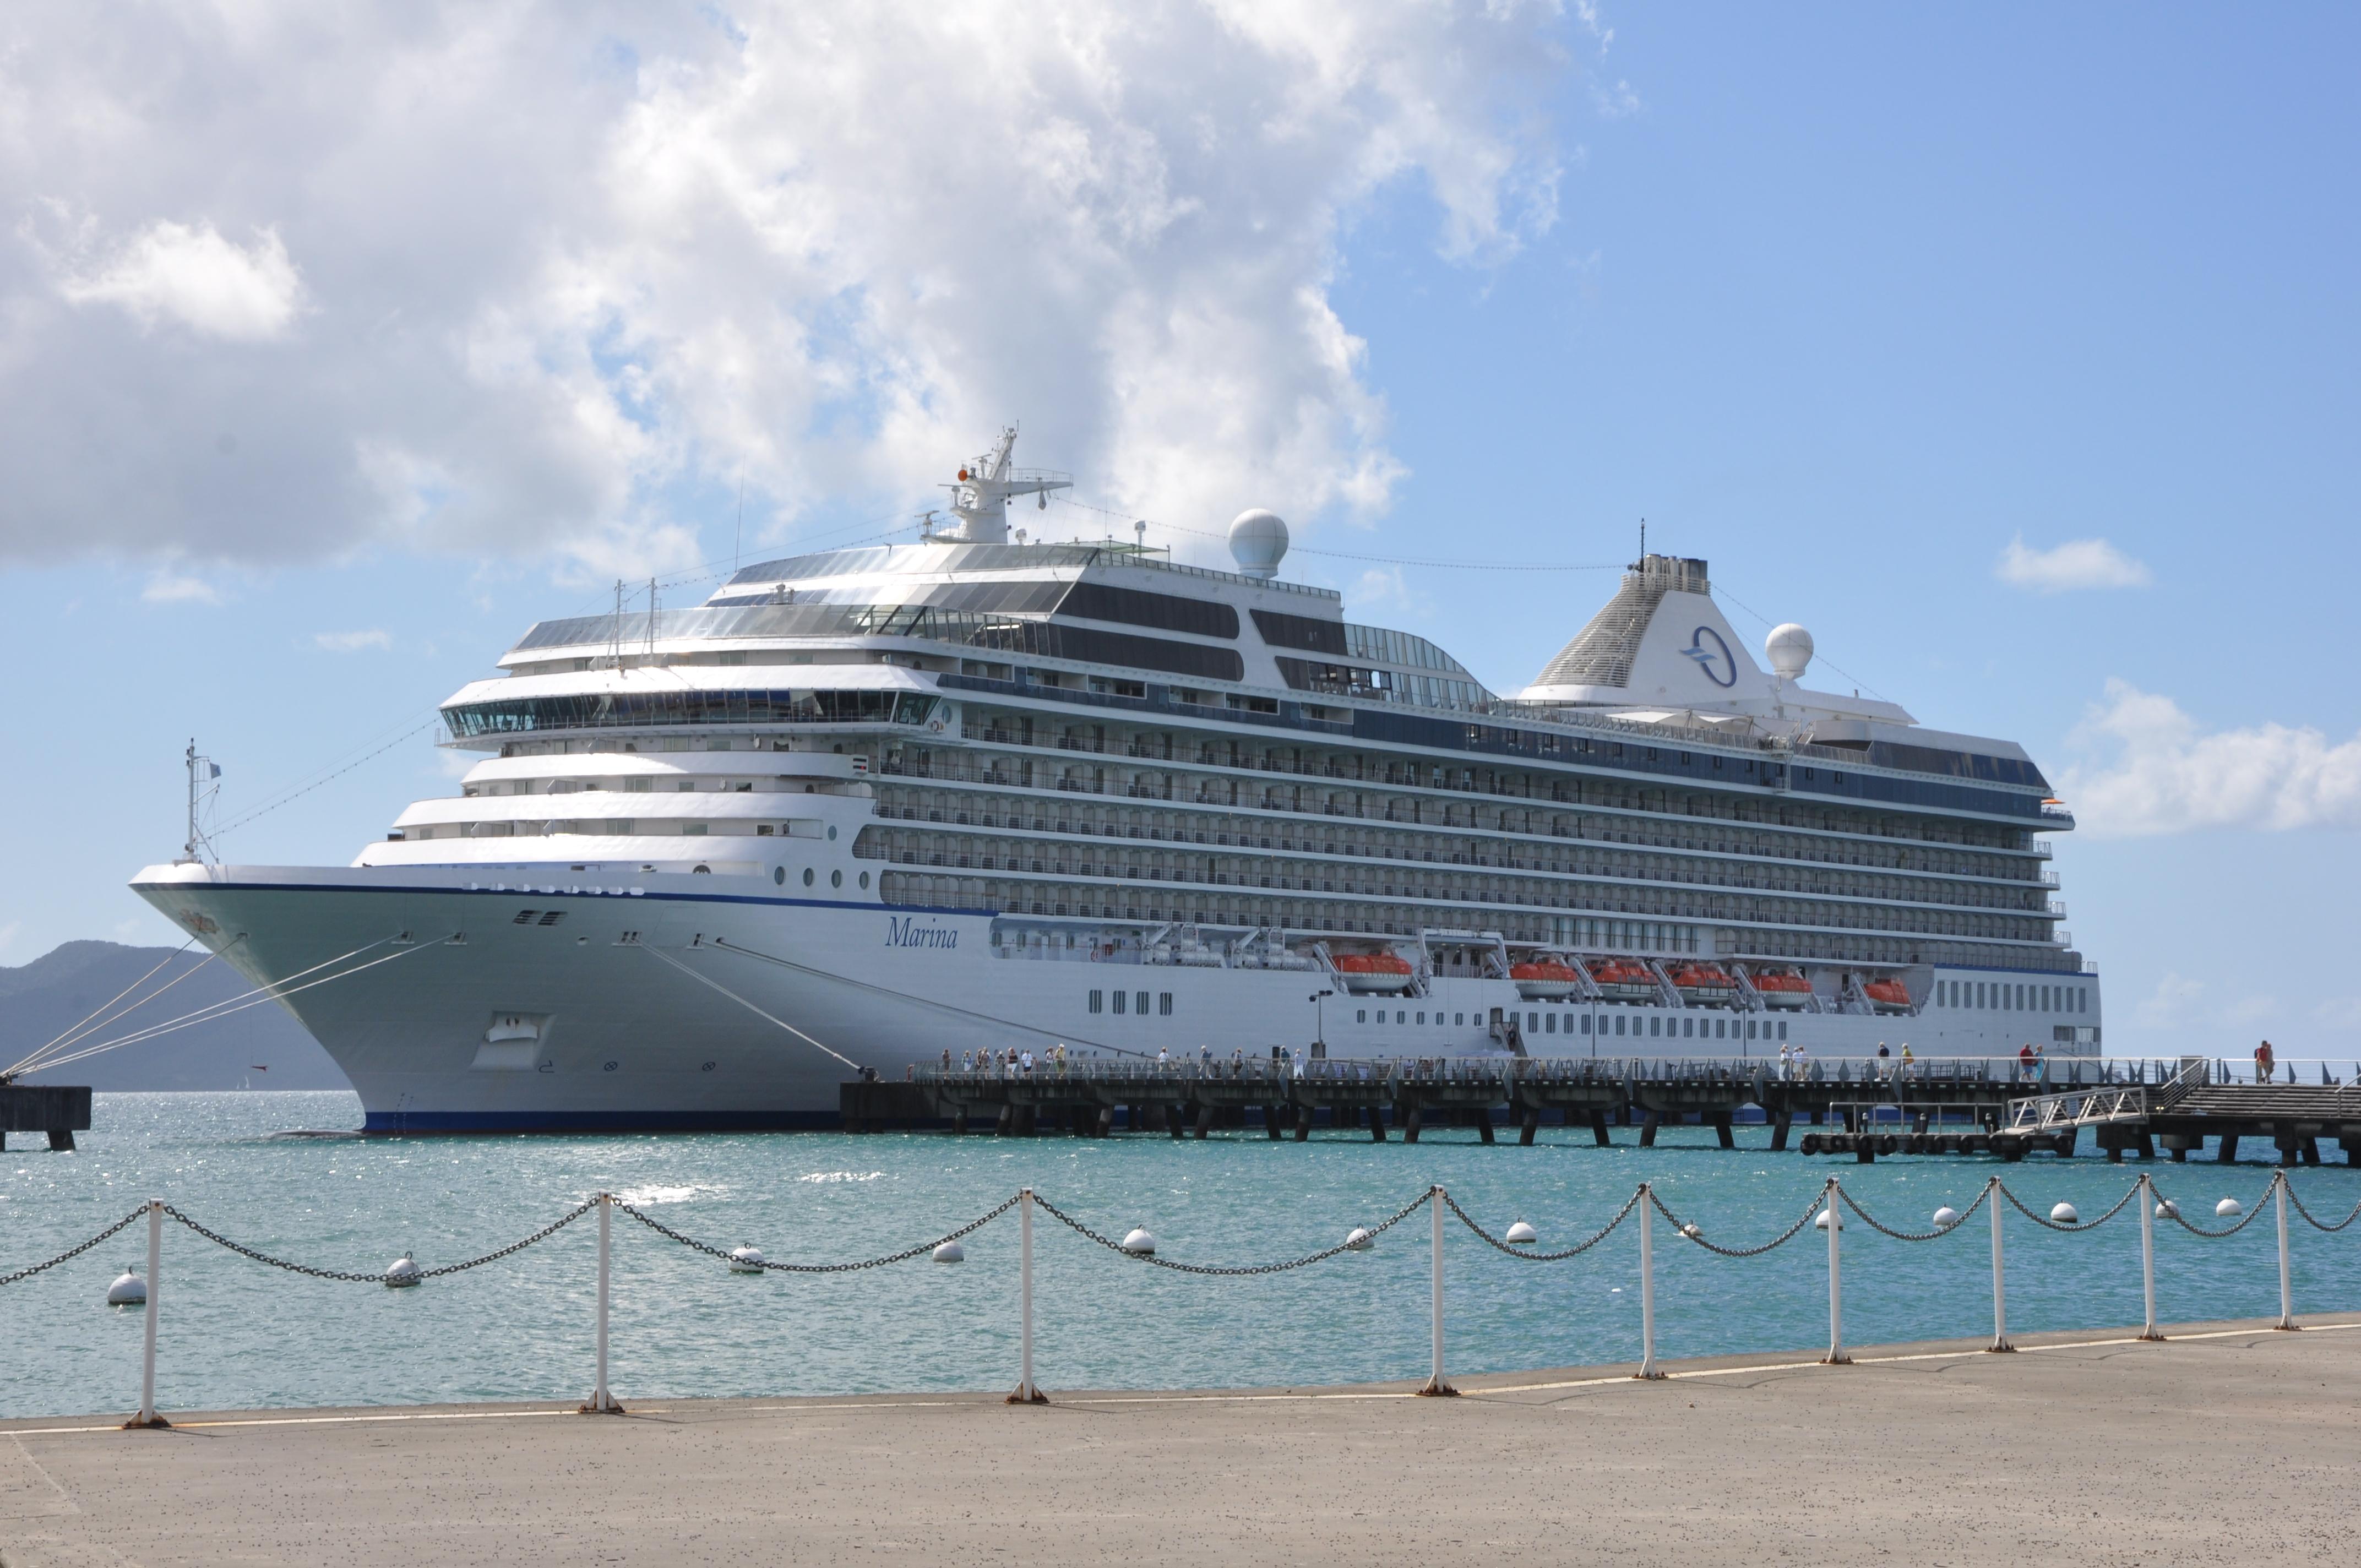 Oceania Marina Cruise Ship Profile